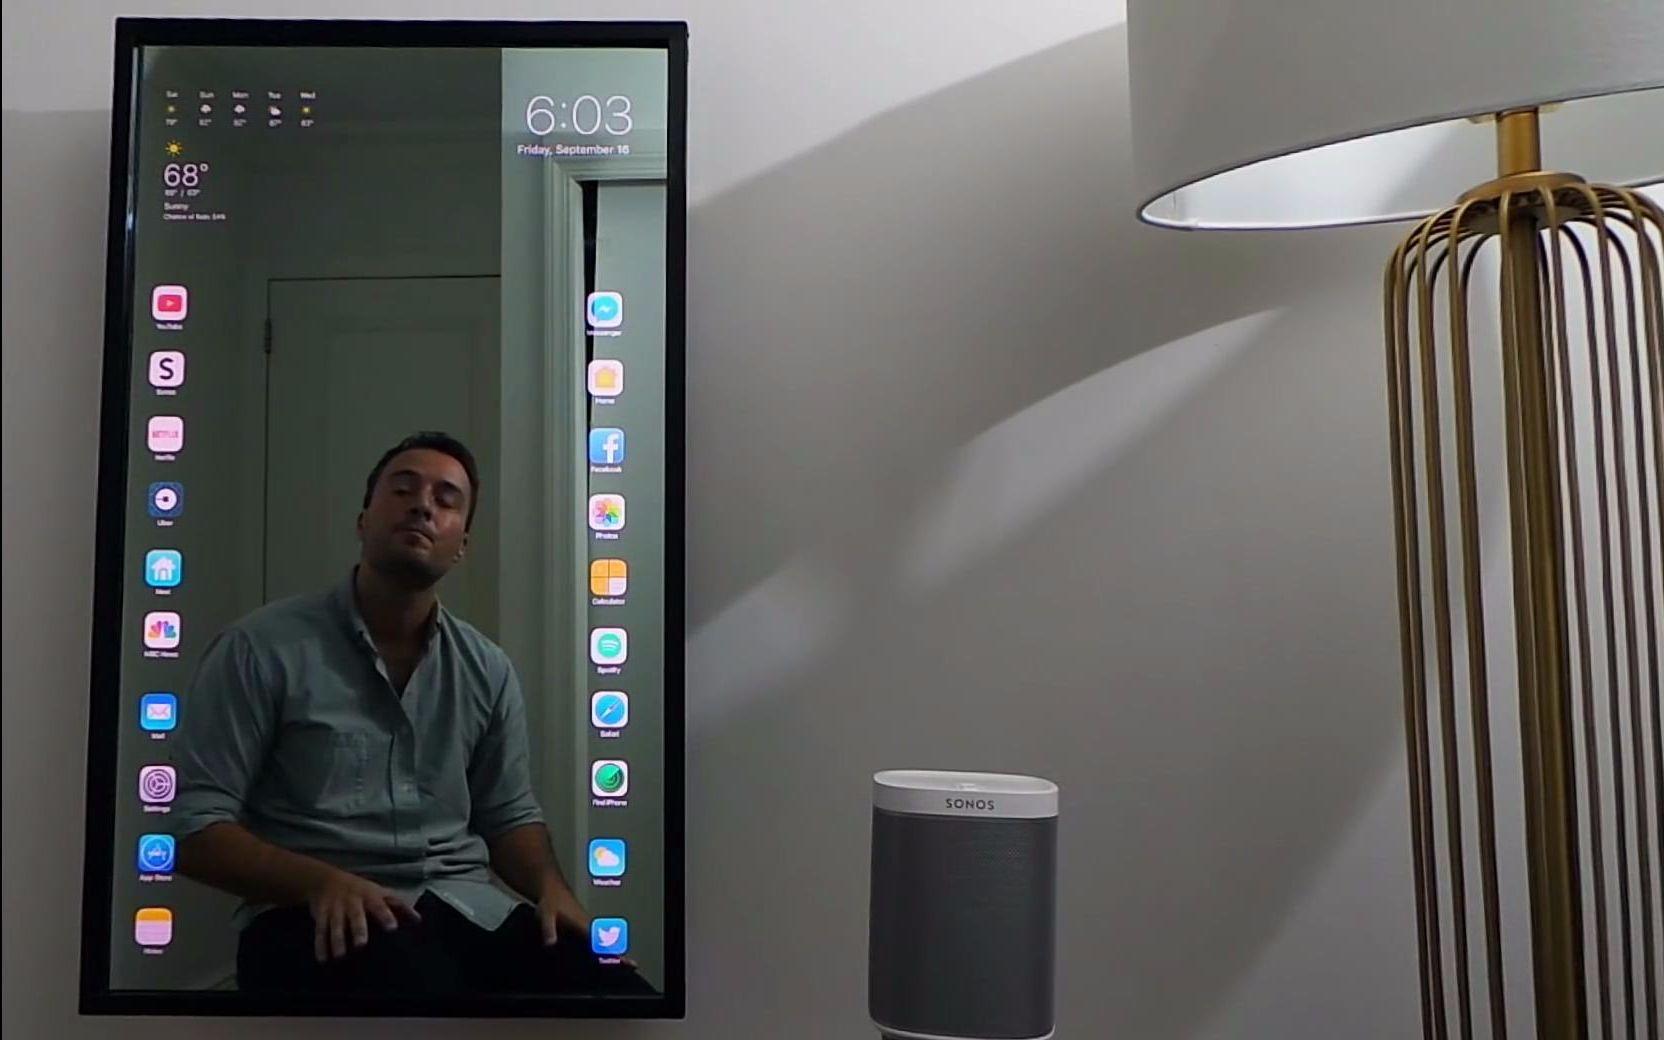 魔镜qq台球瞄准器_【ios10】小哥自制苹果智能触屏魔镜_还有我的siri呢?